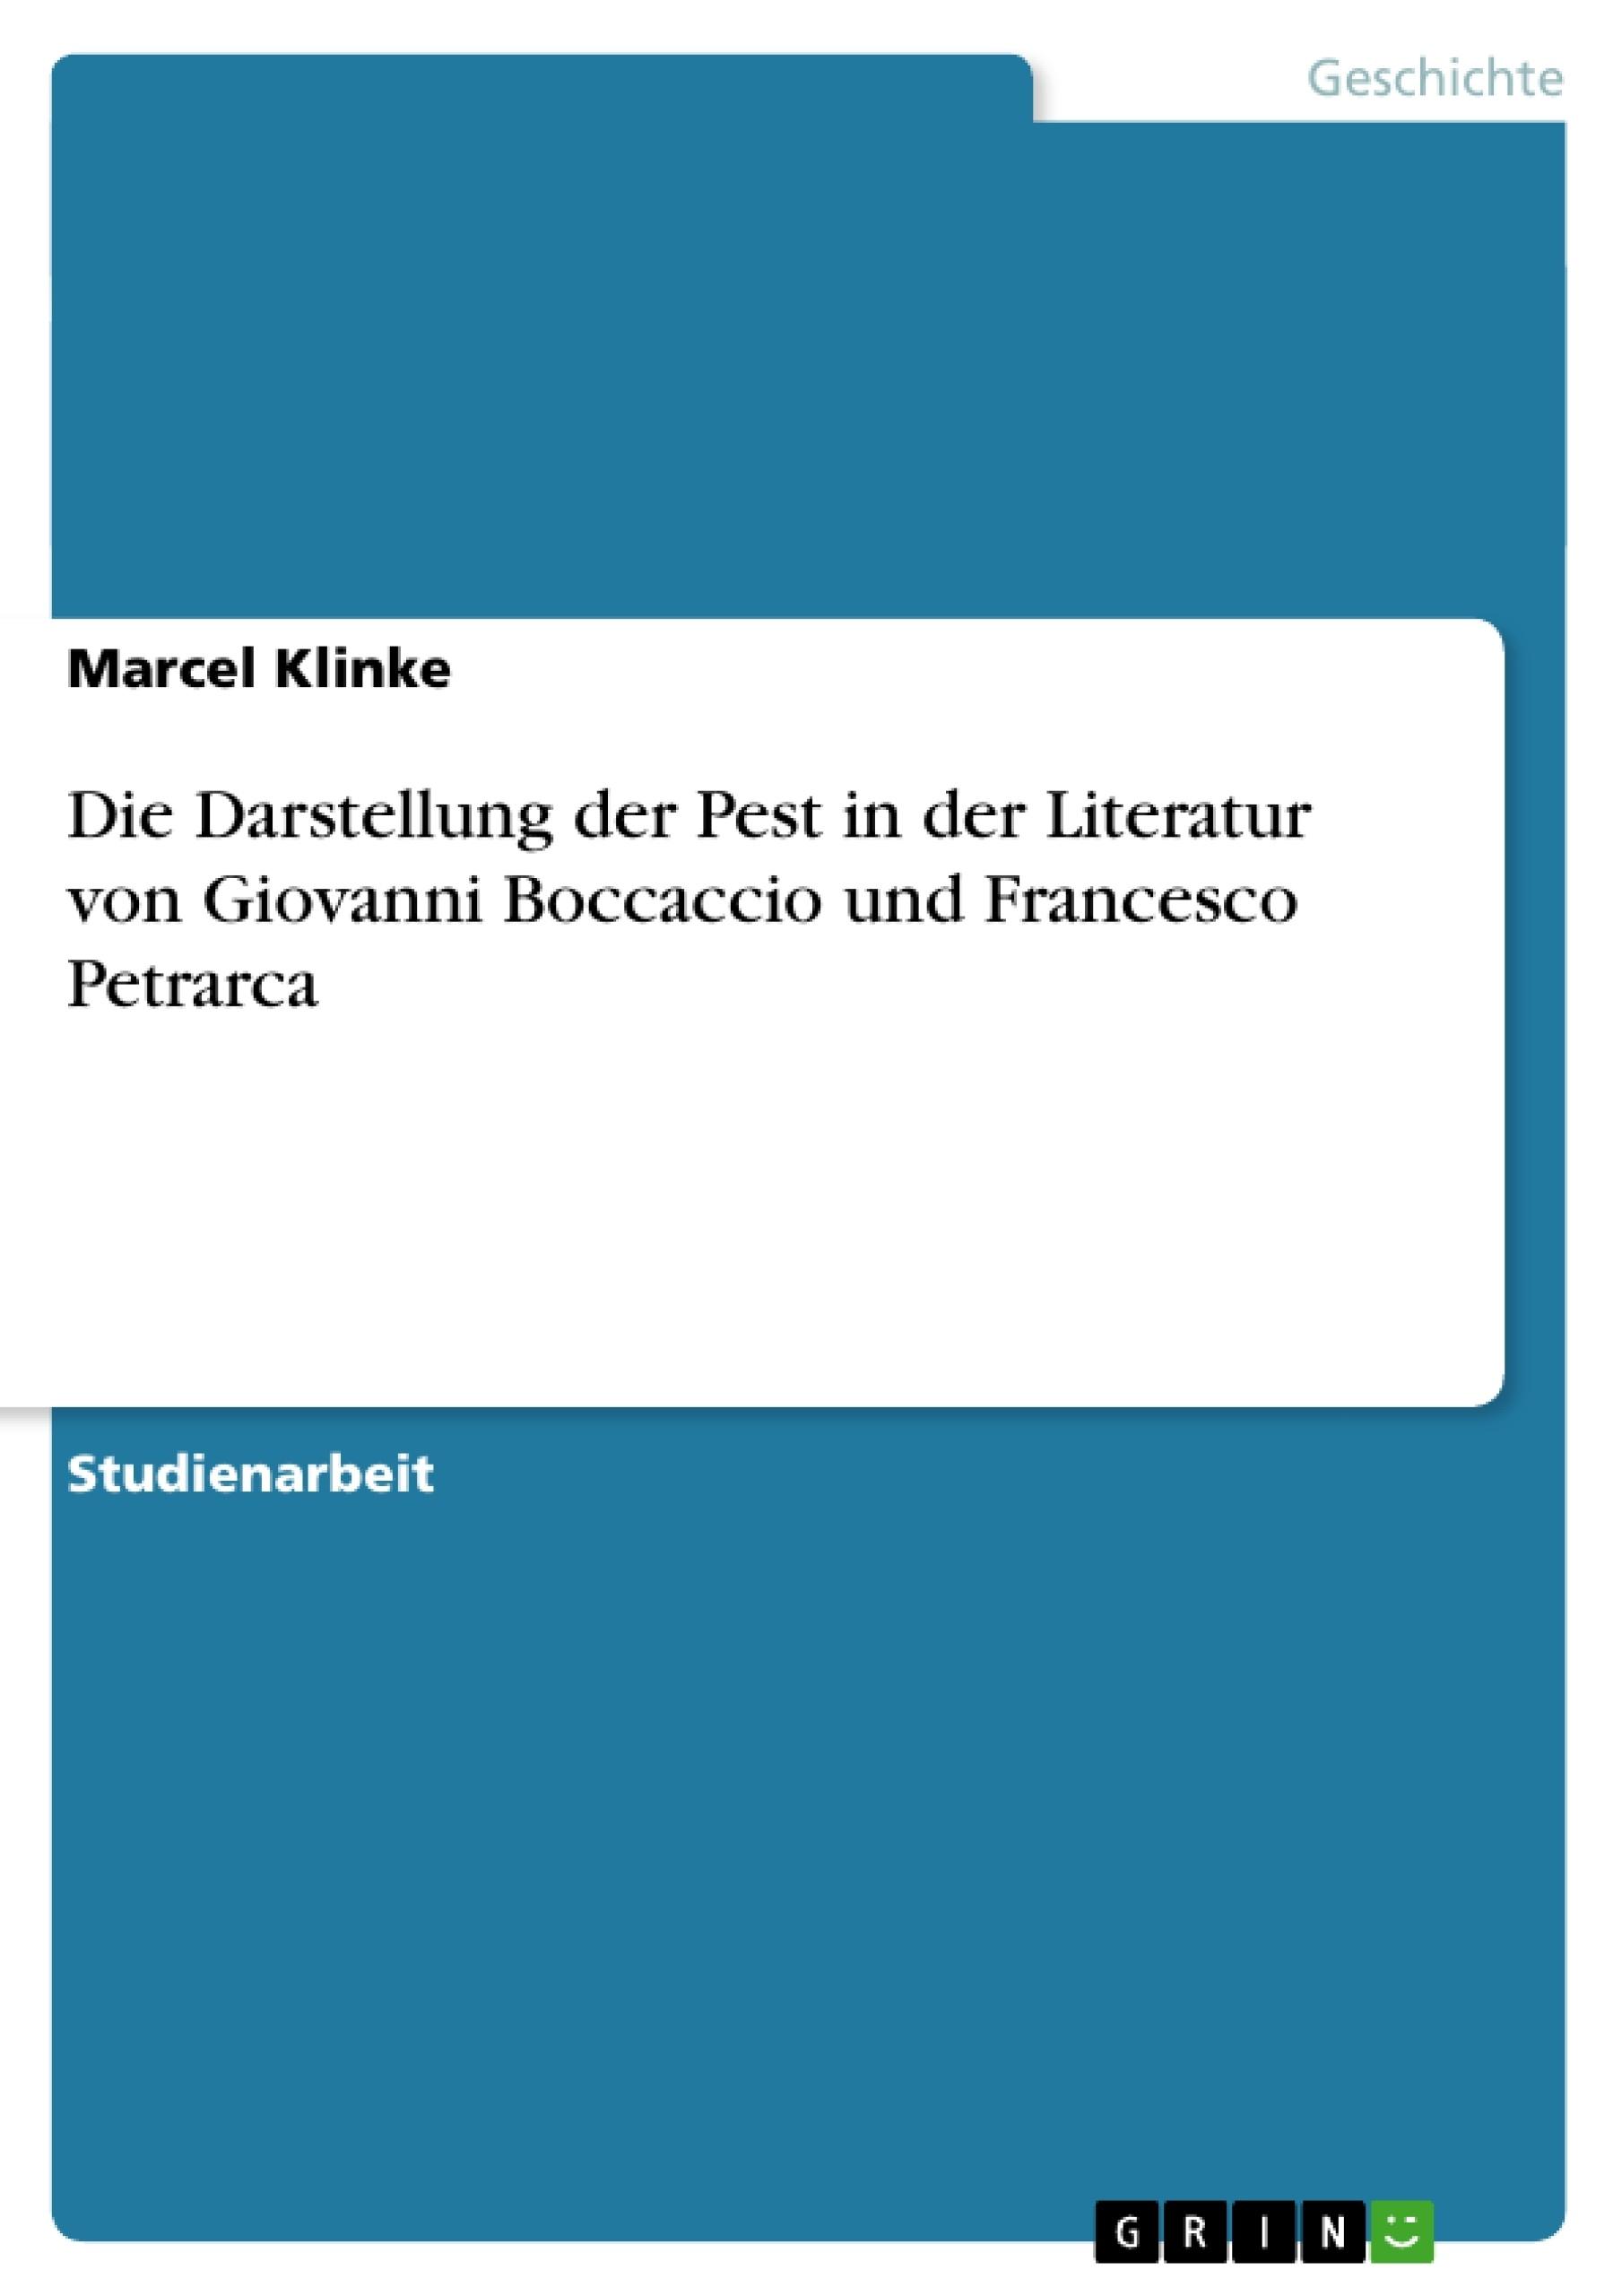 Titel: Die Darstellung der Pest in der Literatur von Giovanni Boccaccio und Francesco Petrarca